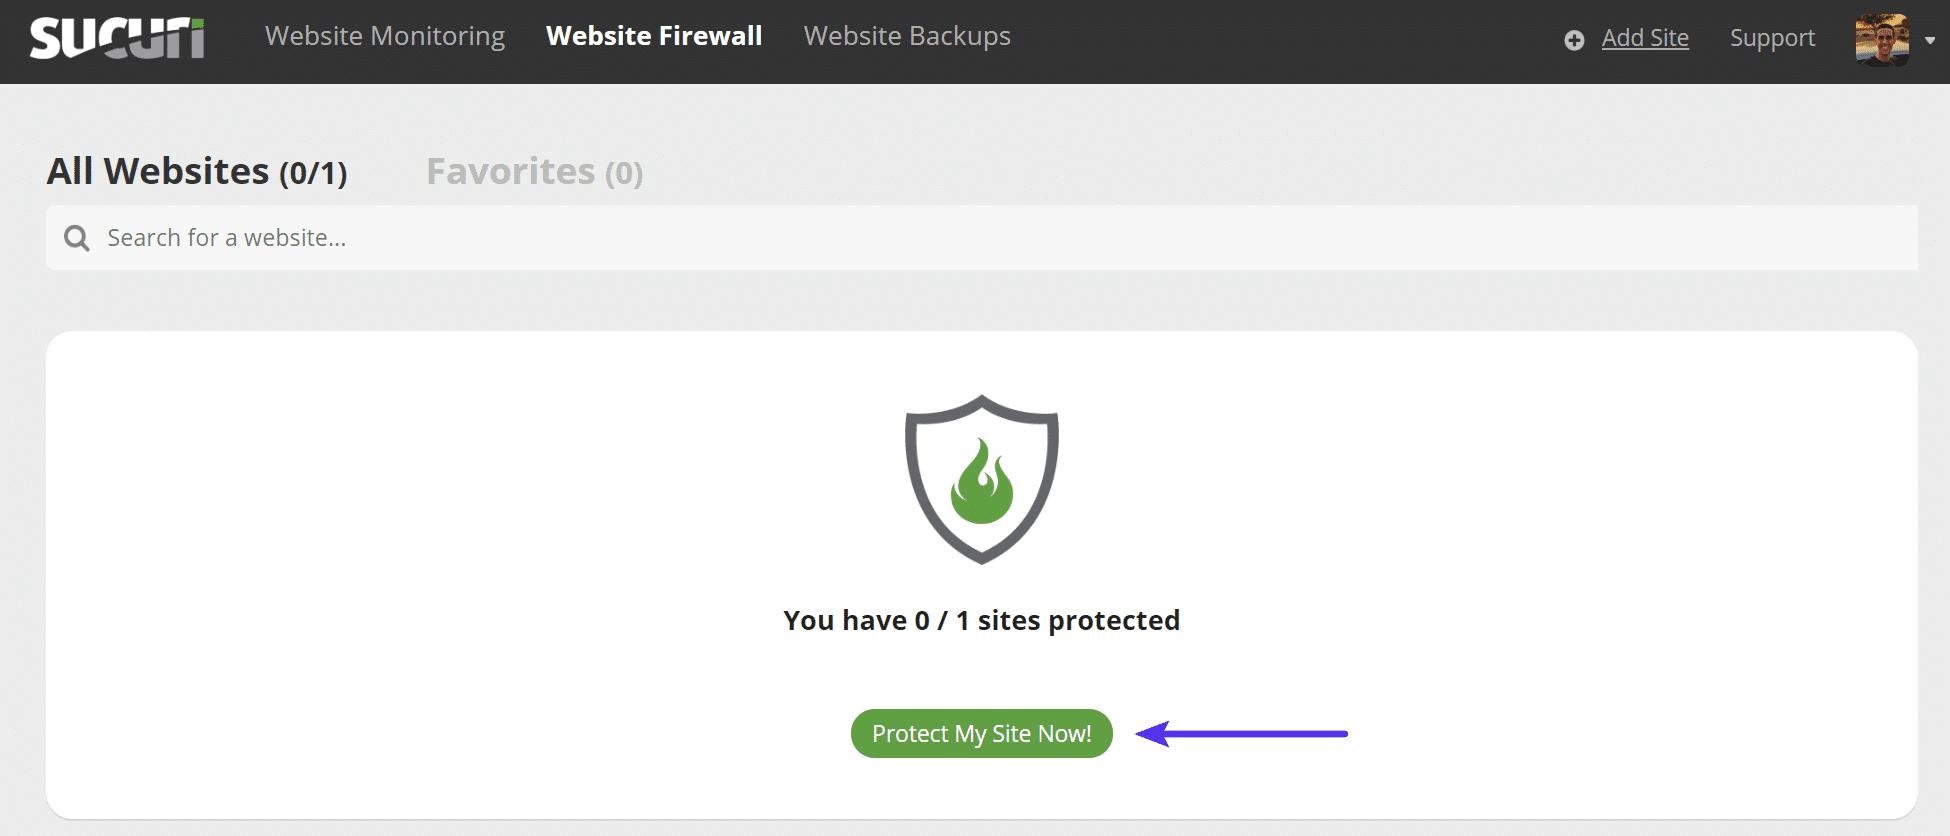 Sucuri bescherm mijn website